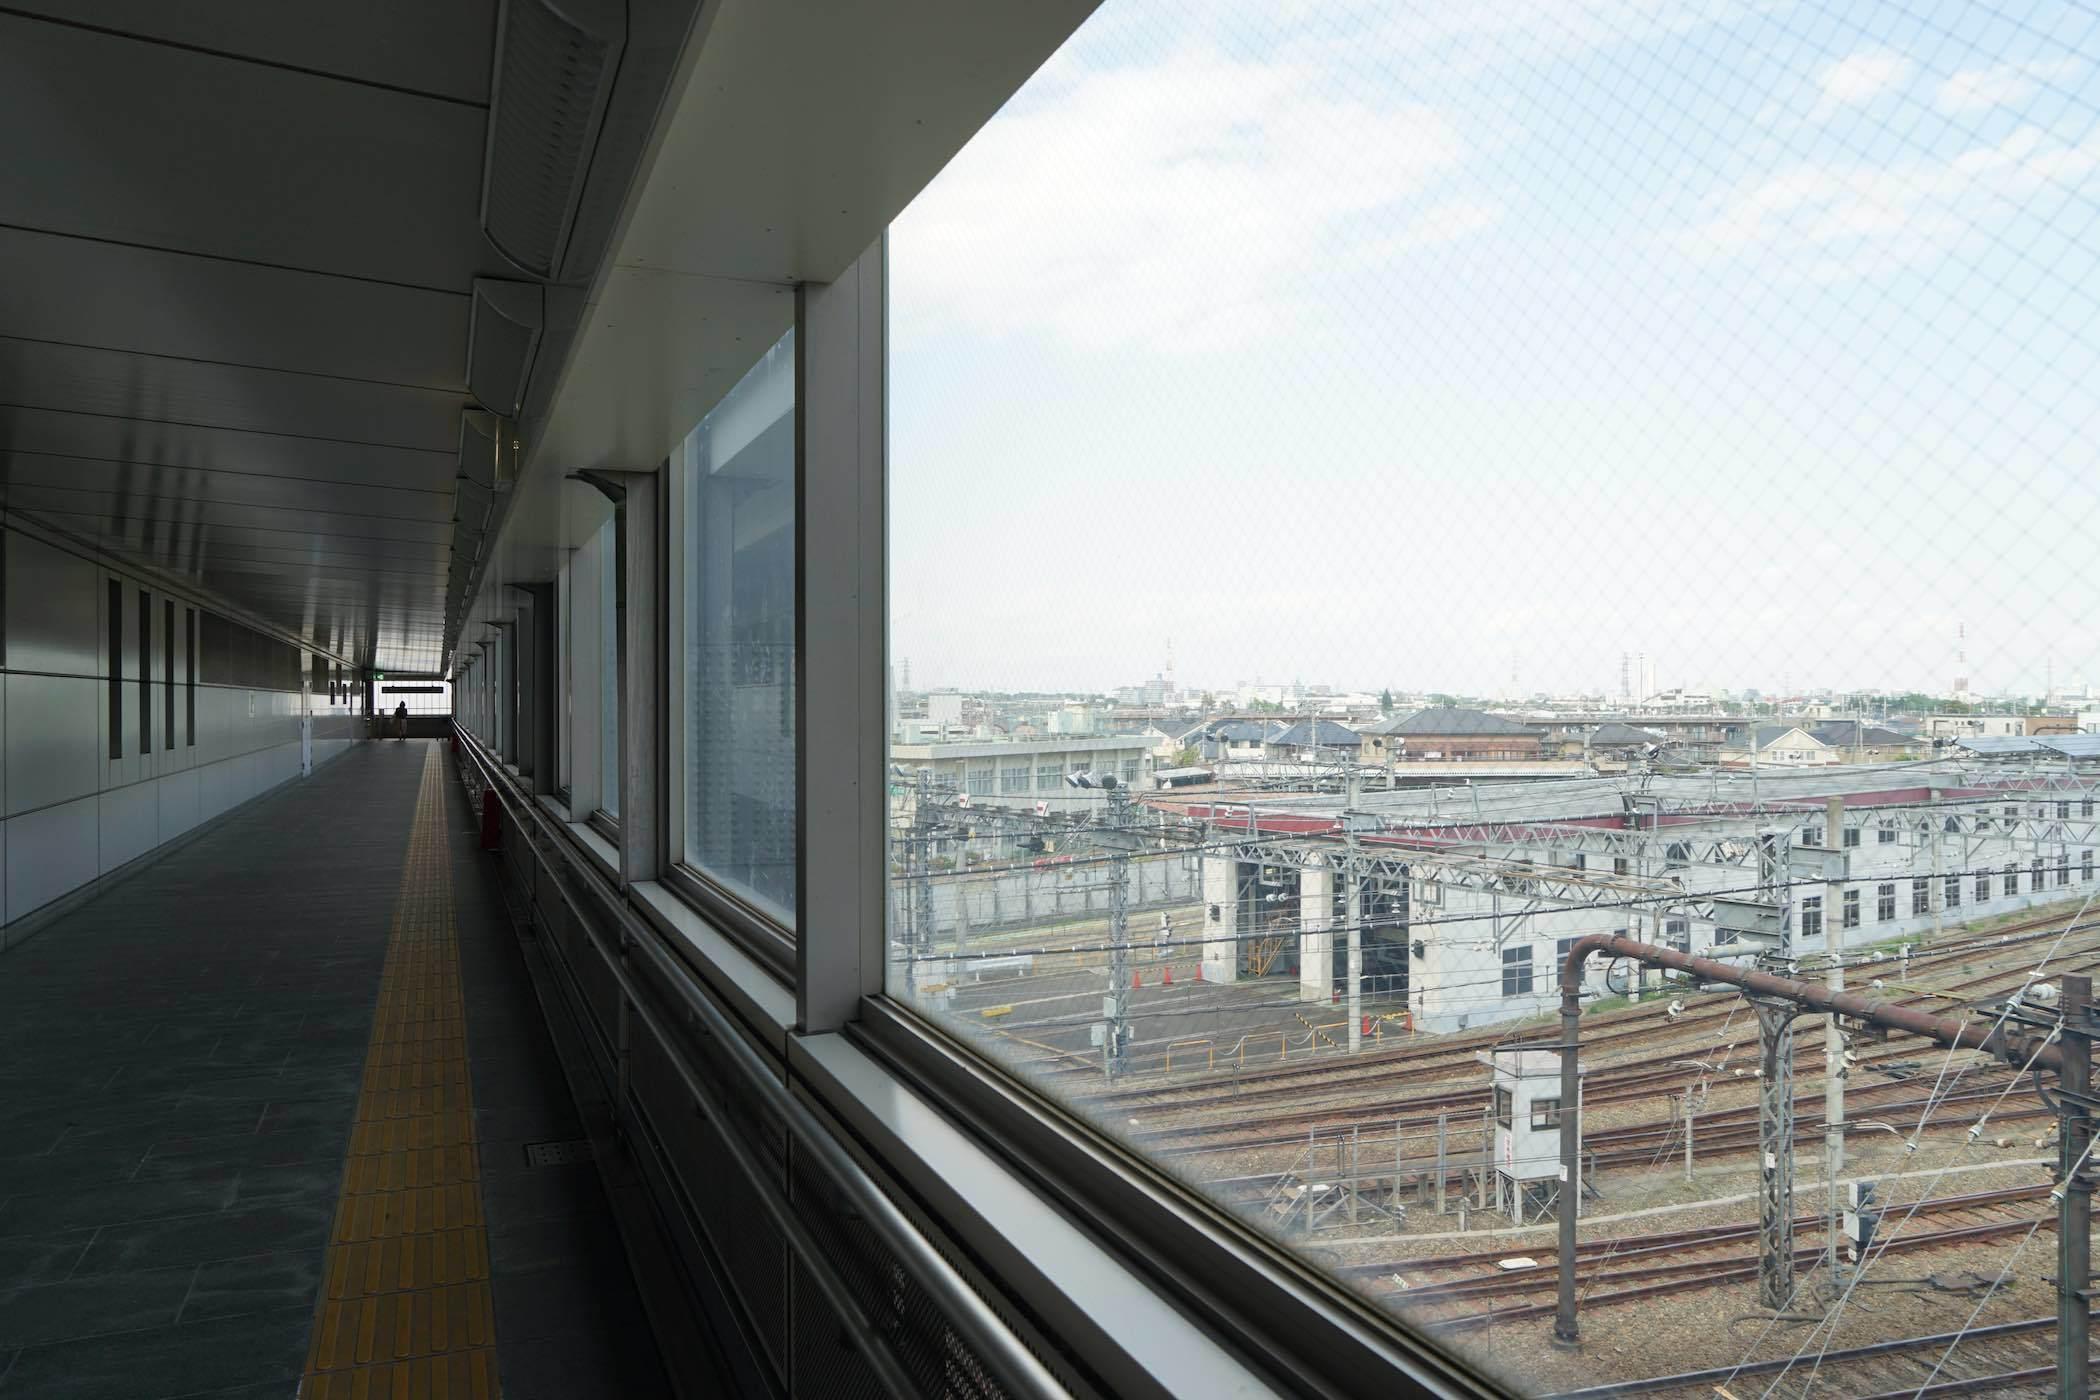 高幡不動駅周辺 2_b0360240_20490955.jpg